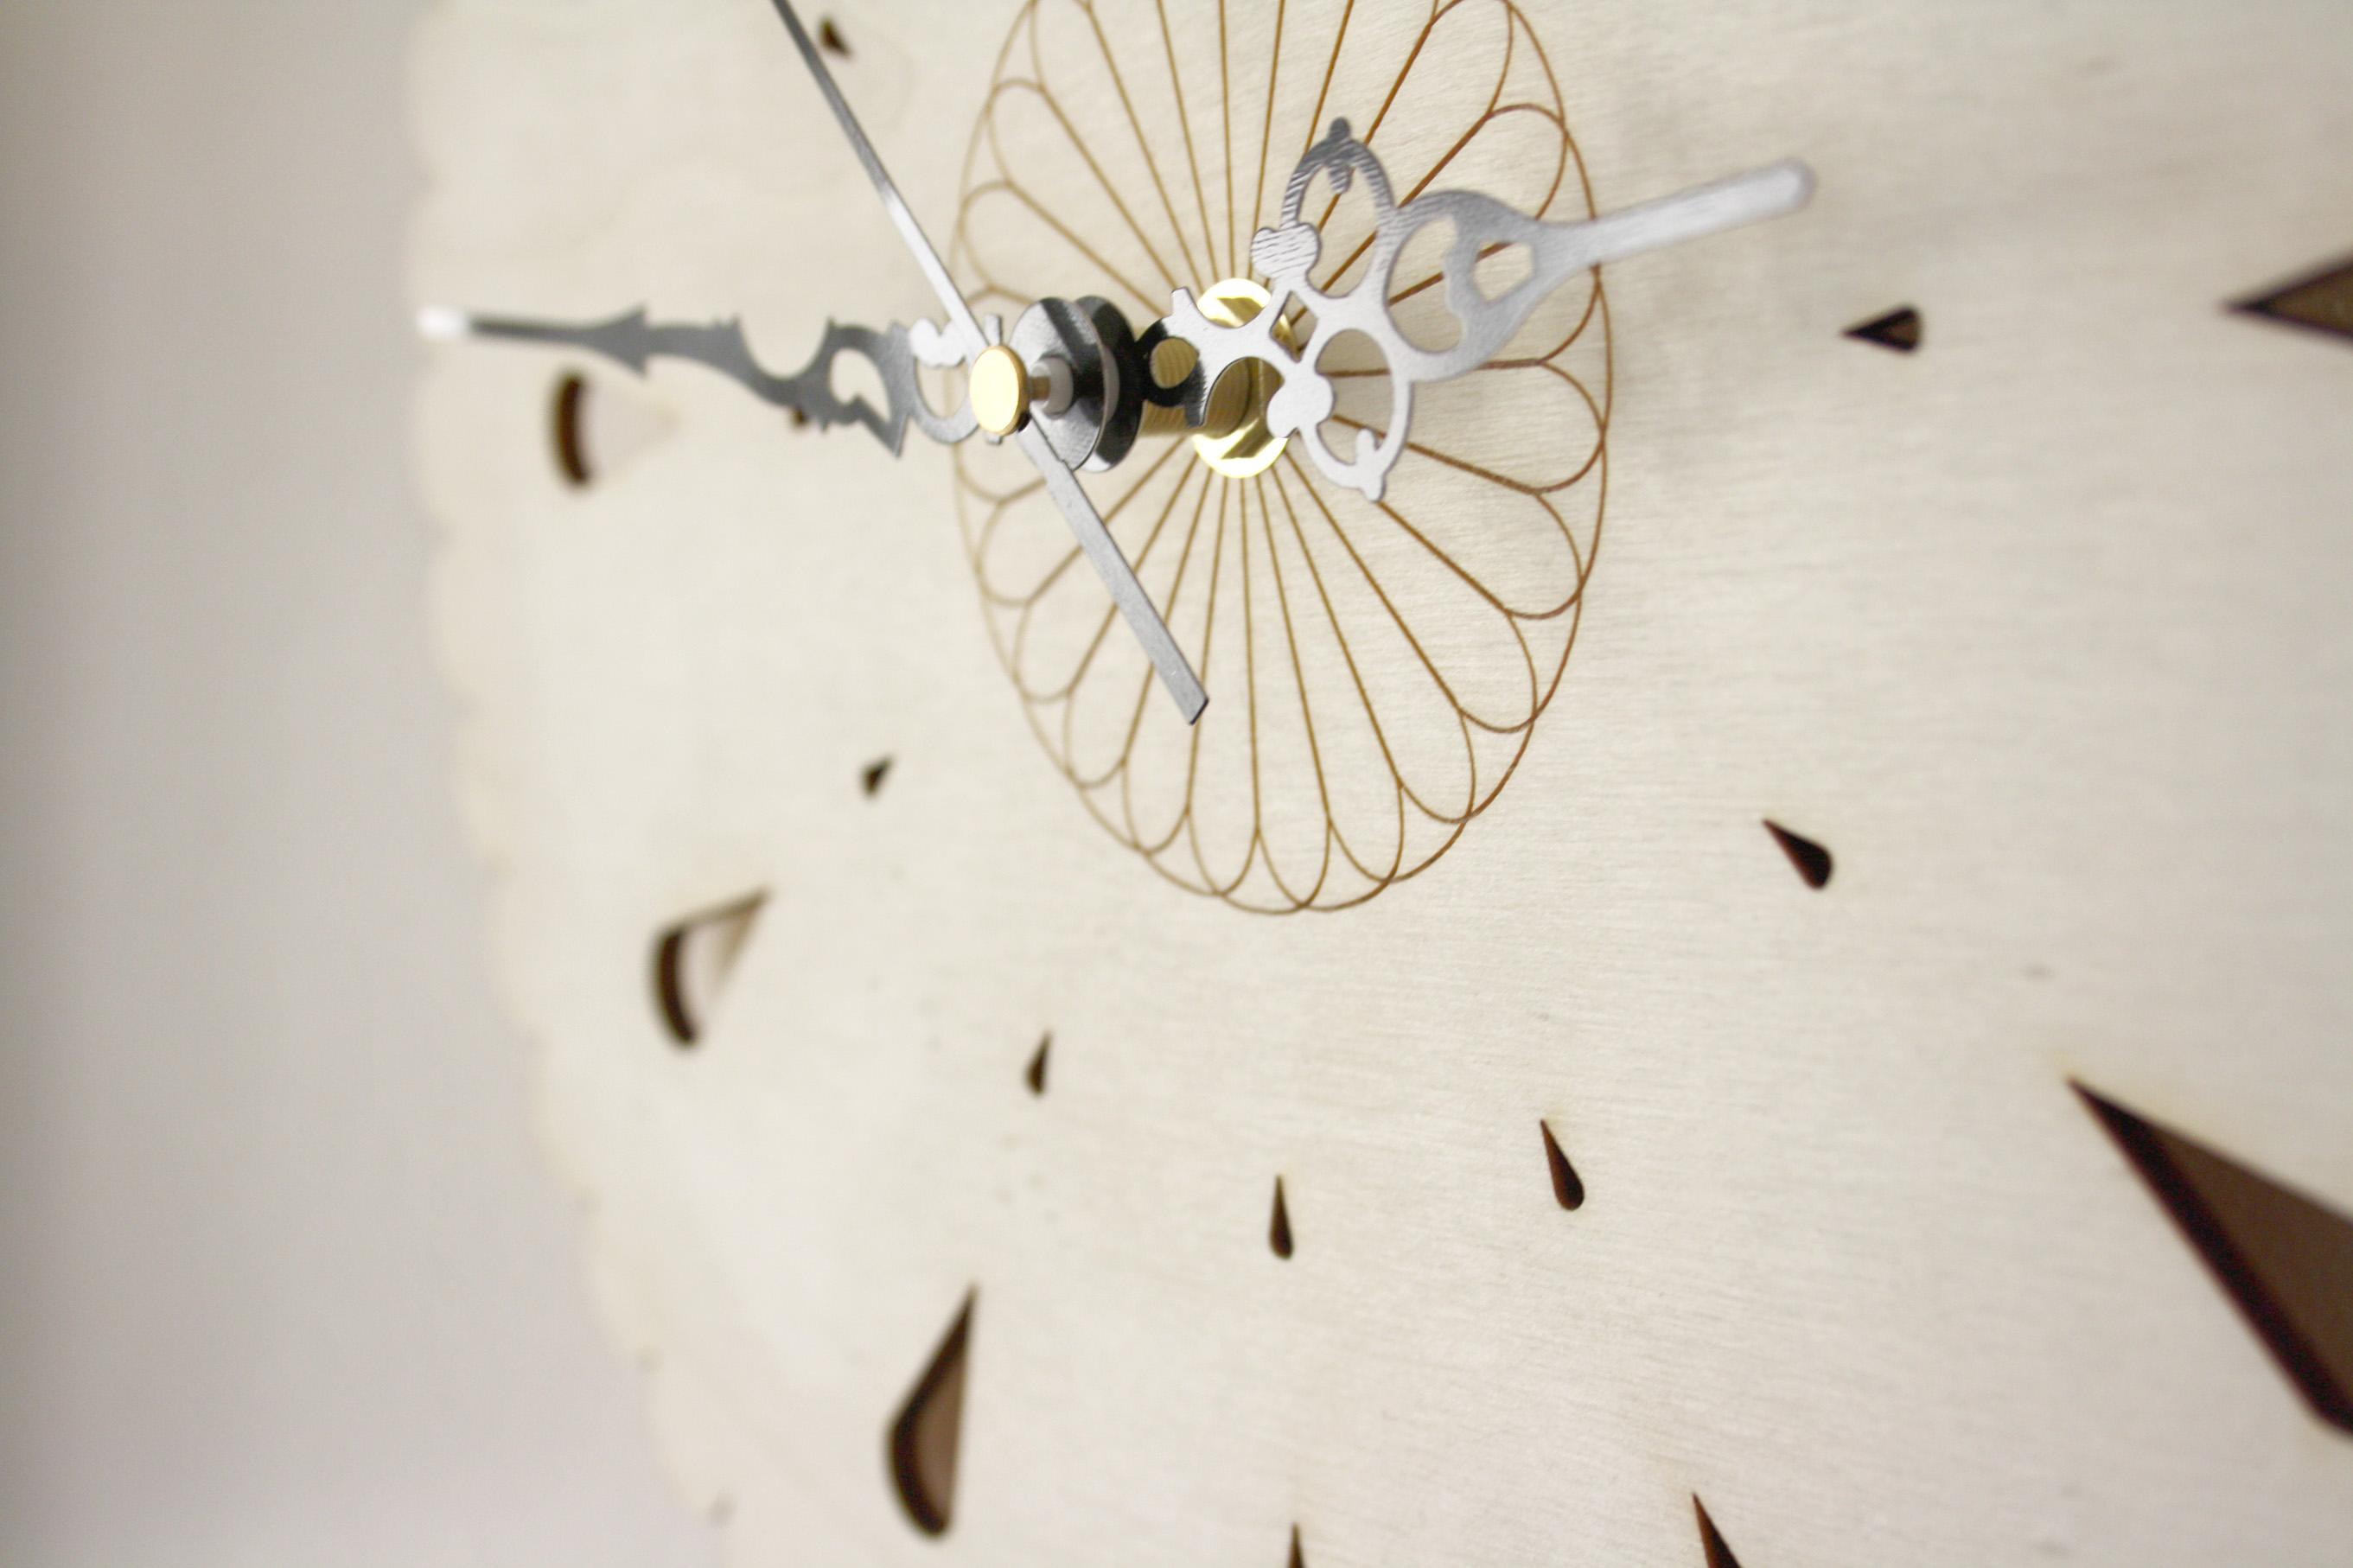 Horloge bois, pendule artisanale, décoration murale style bohème,  scandinave et naturel, fleur géométrique